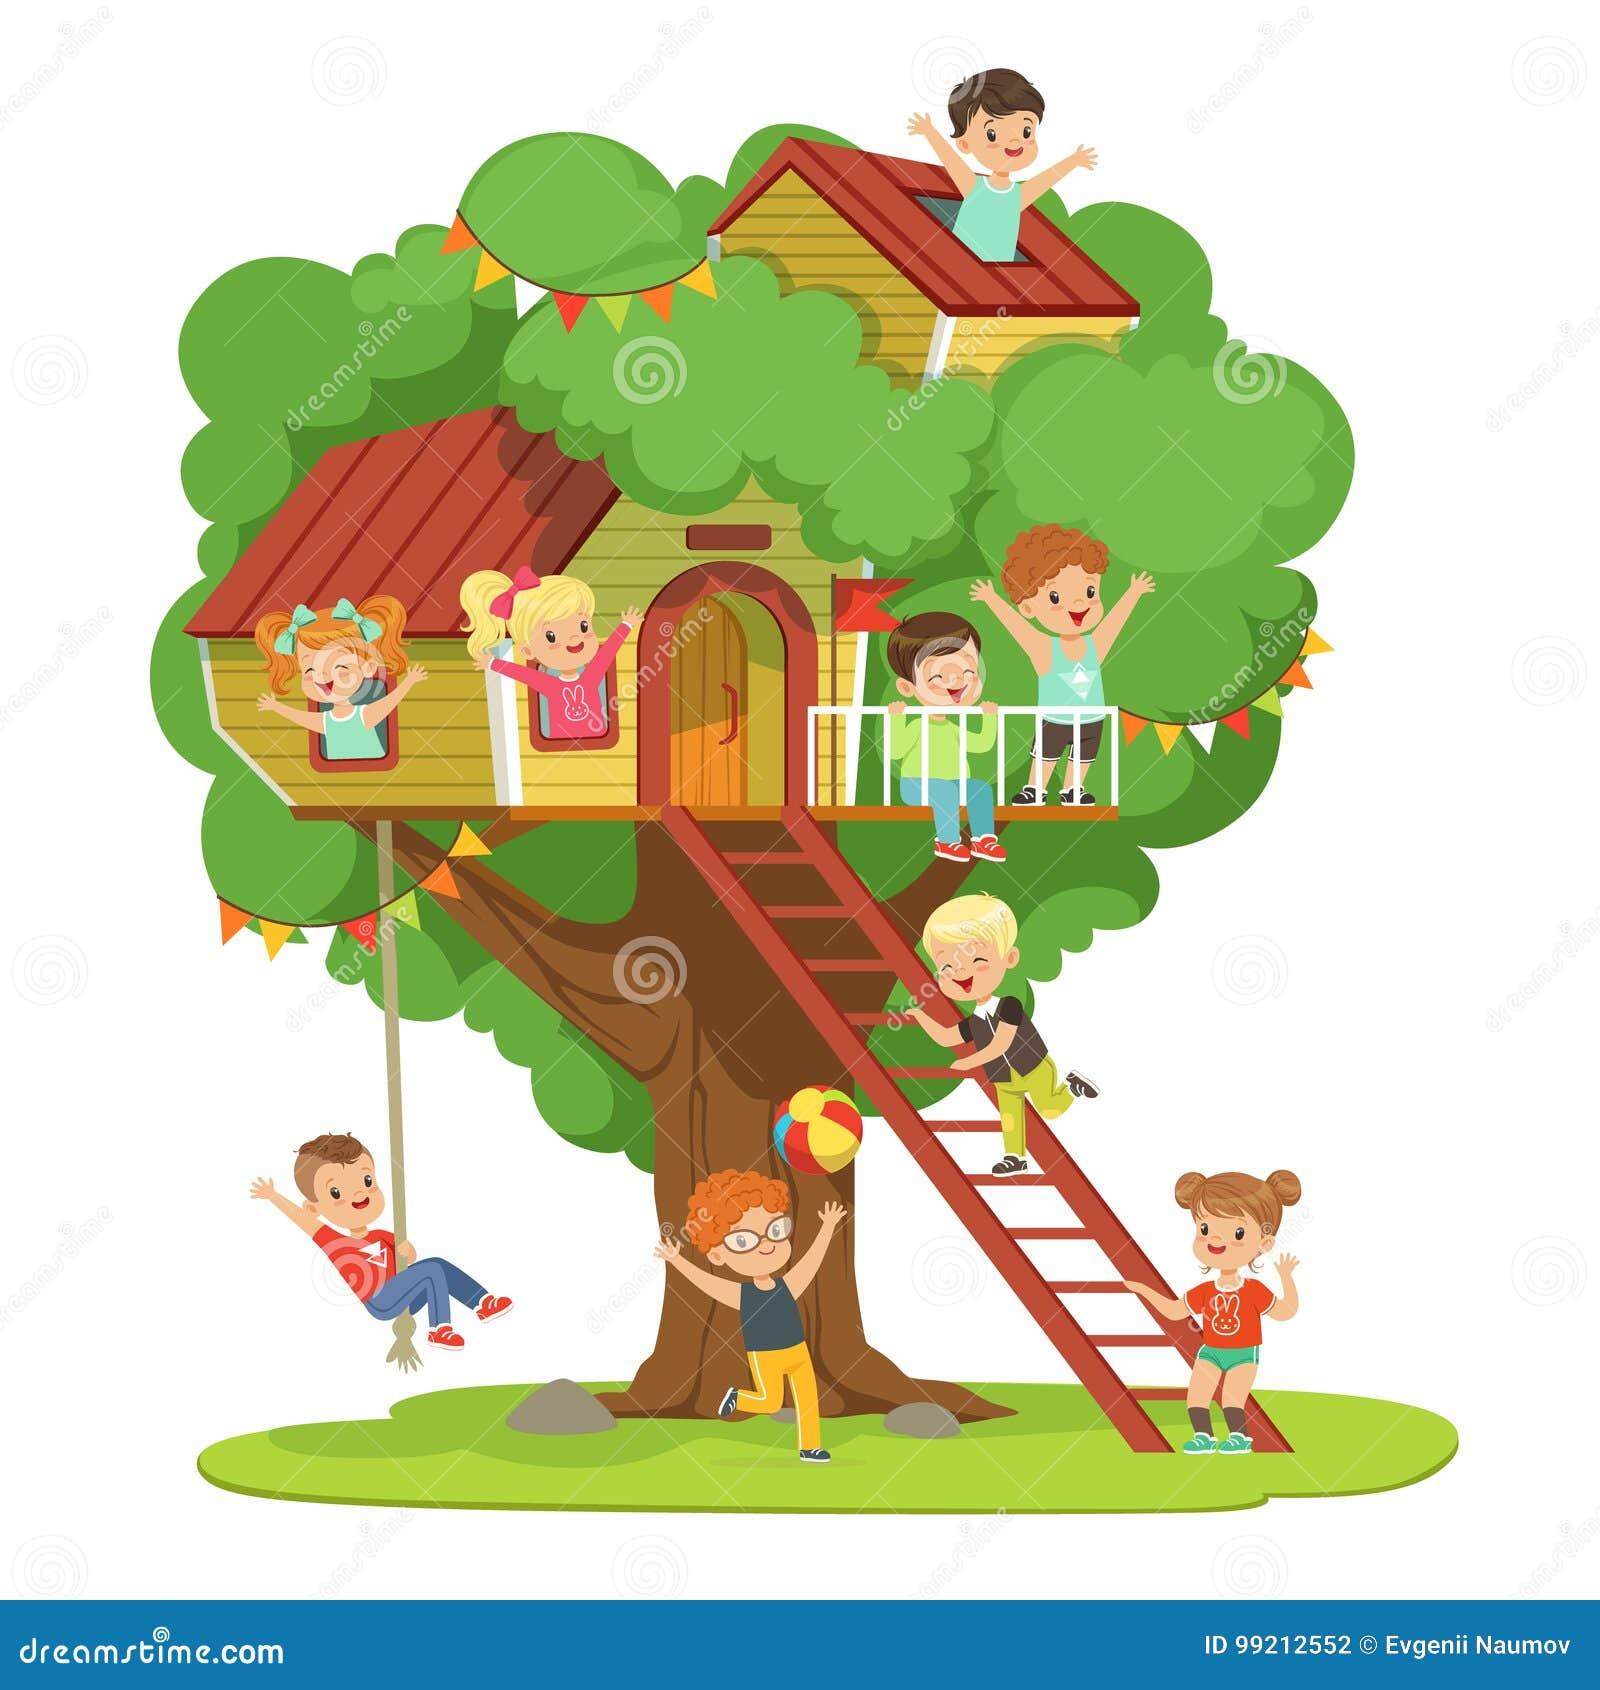 Kinder Die Spass Im Baumhaus Im Spielplatz Der Kinder Mit Schwingen